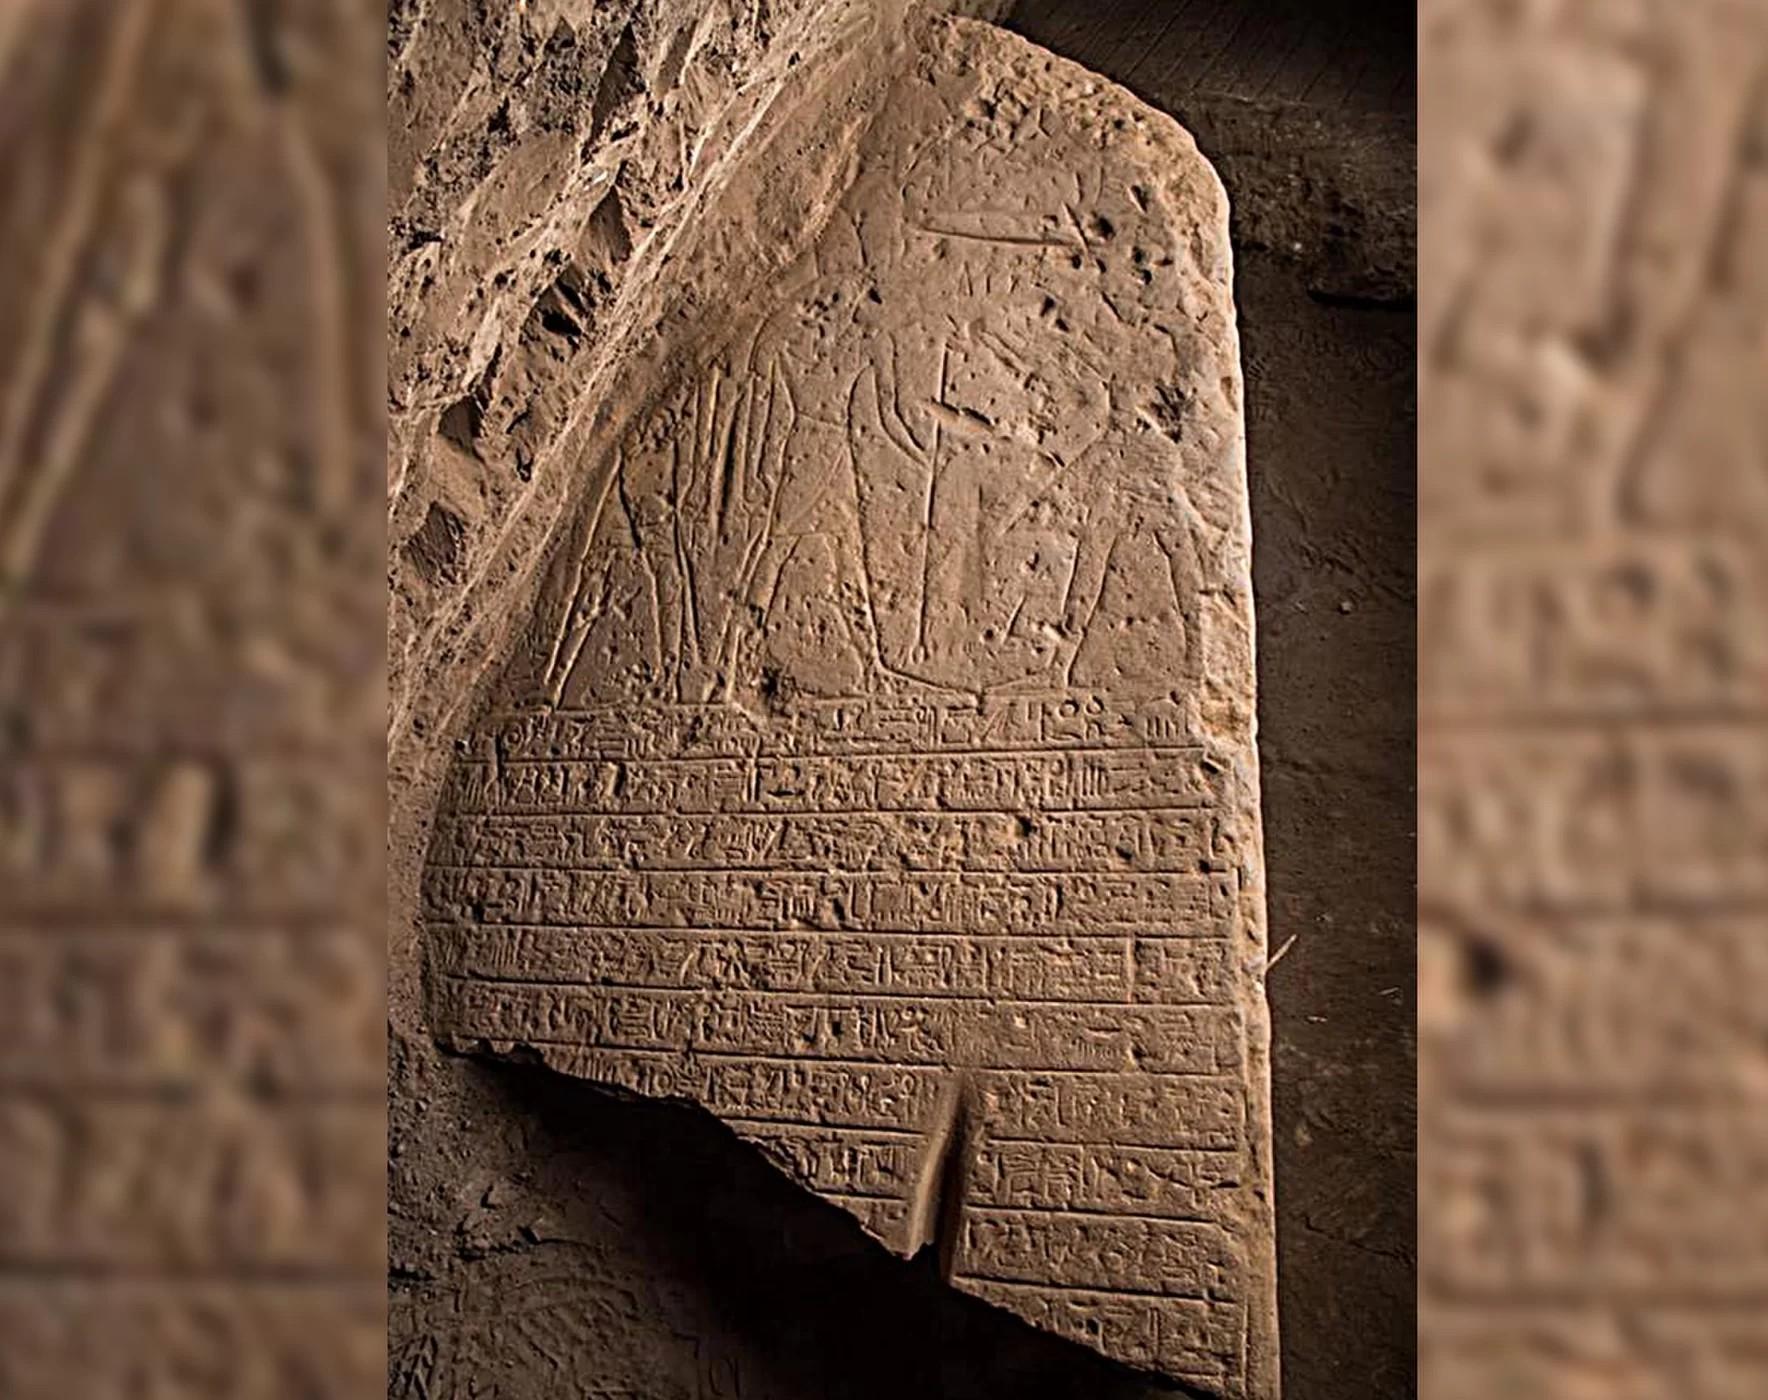 Desenhos e hieróglifos citando Seti I e outros deuses foram encontrados (Foto: Egyptian Antiquities Ministry)